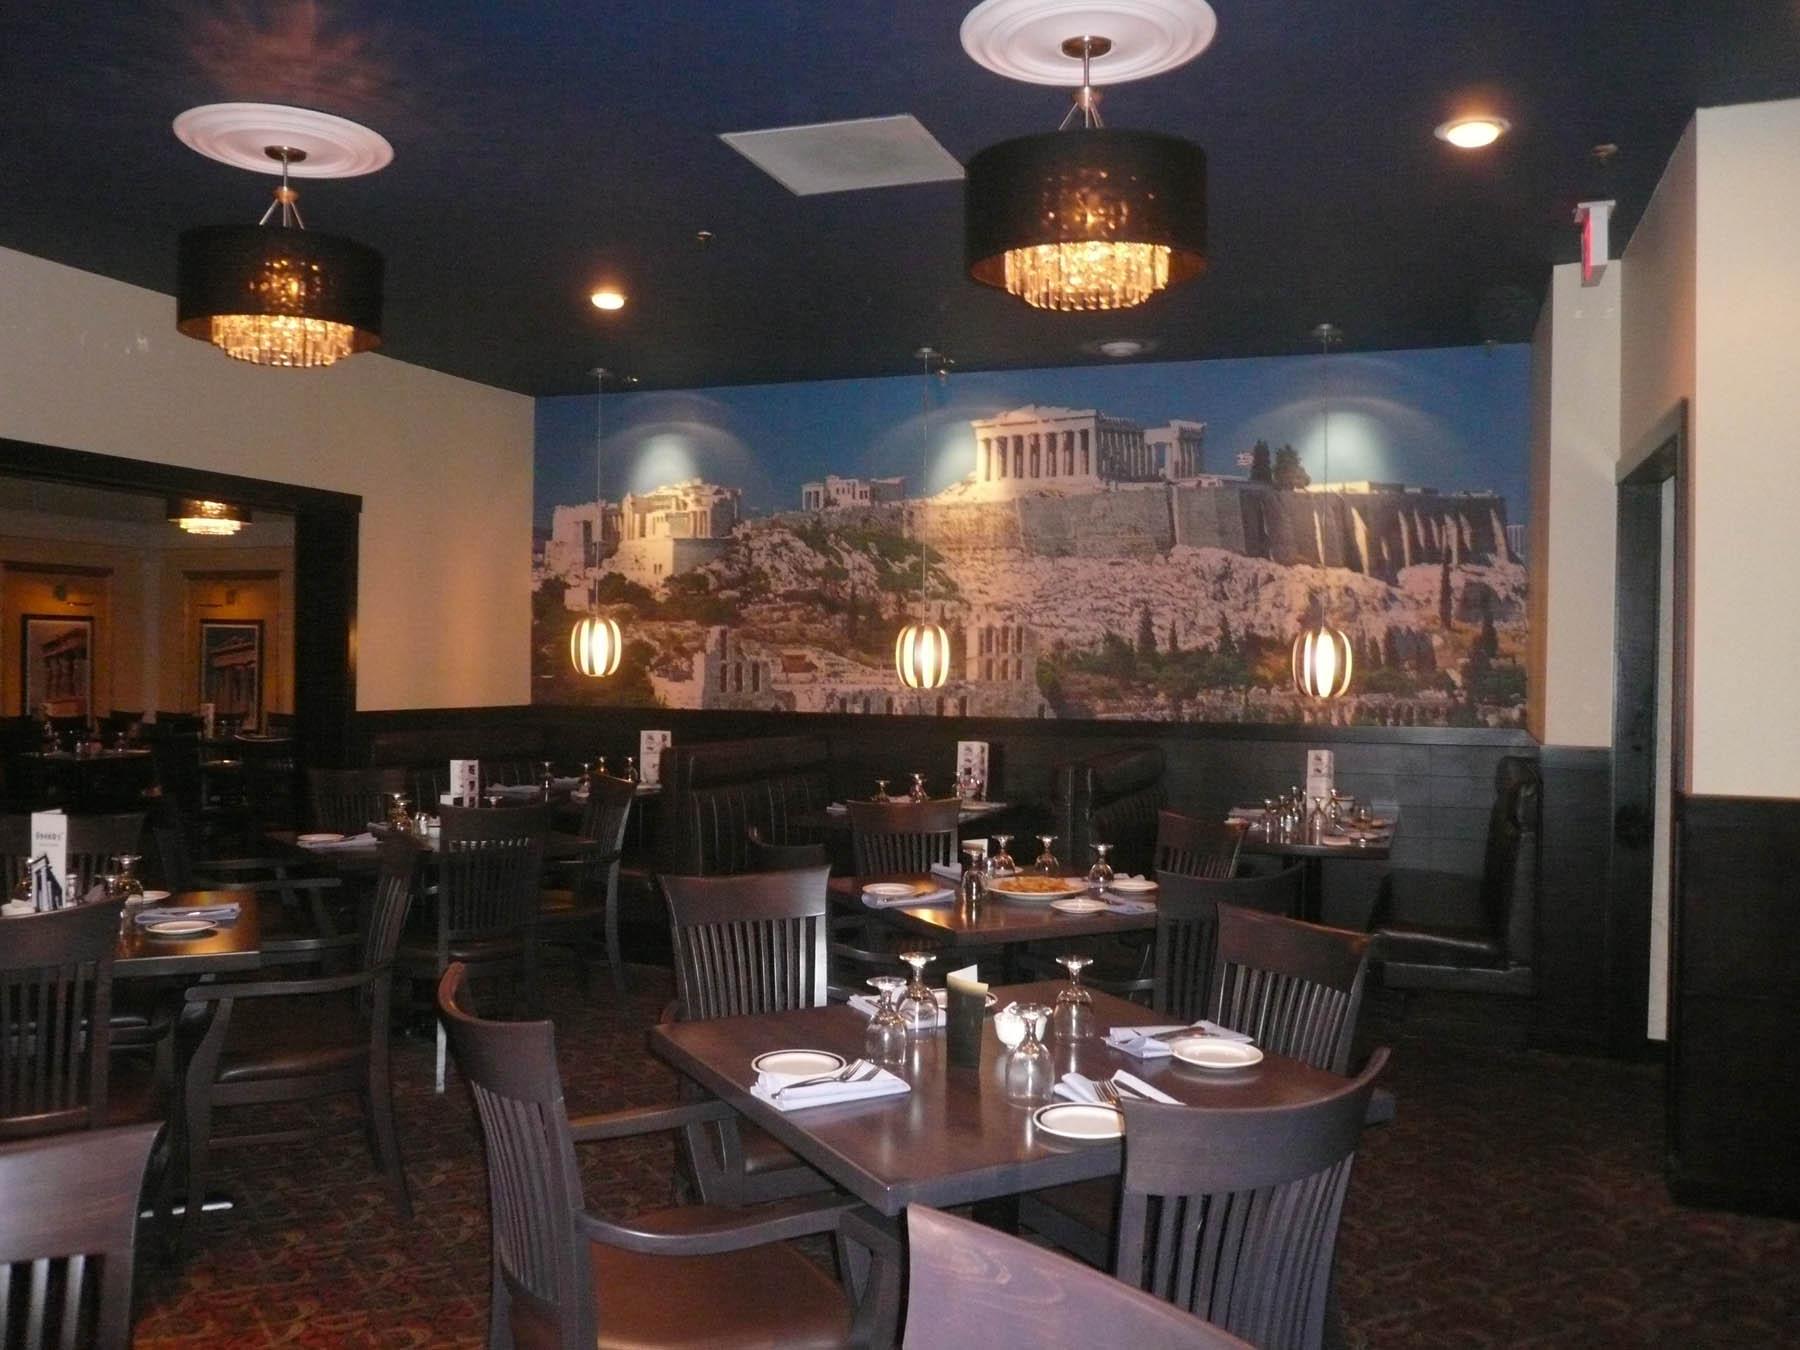 Grekos Restaurant